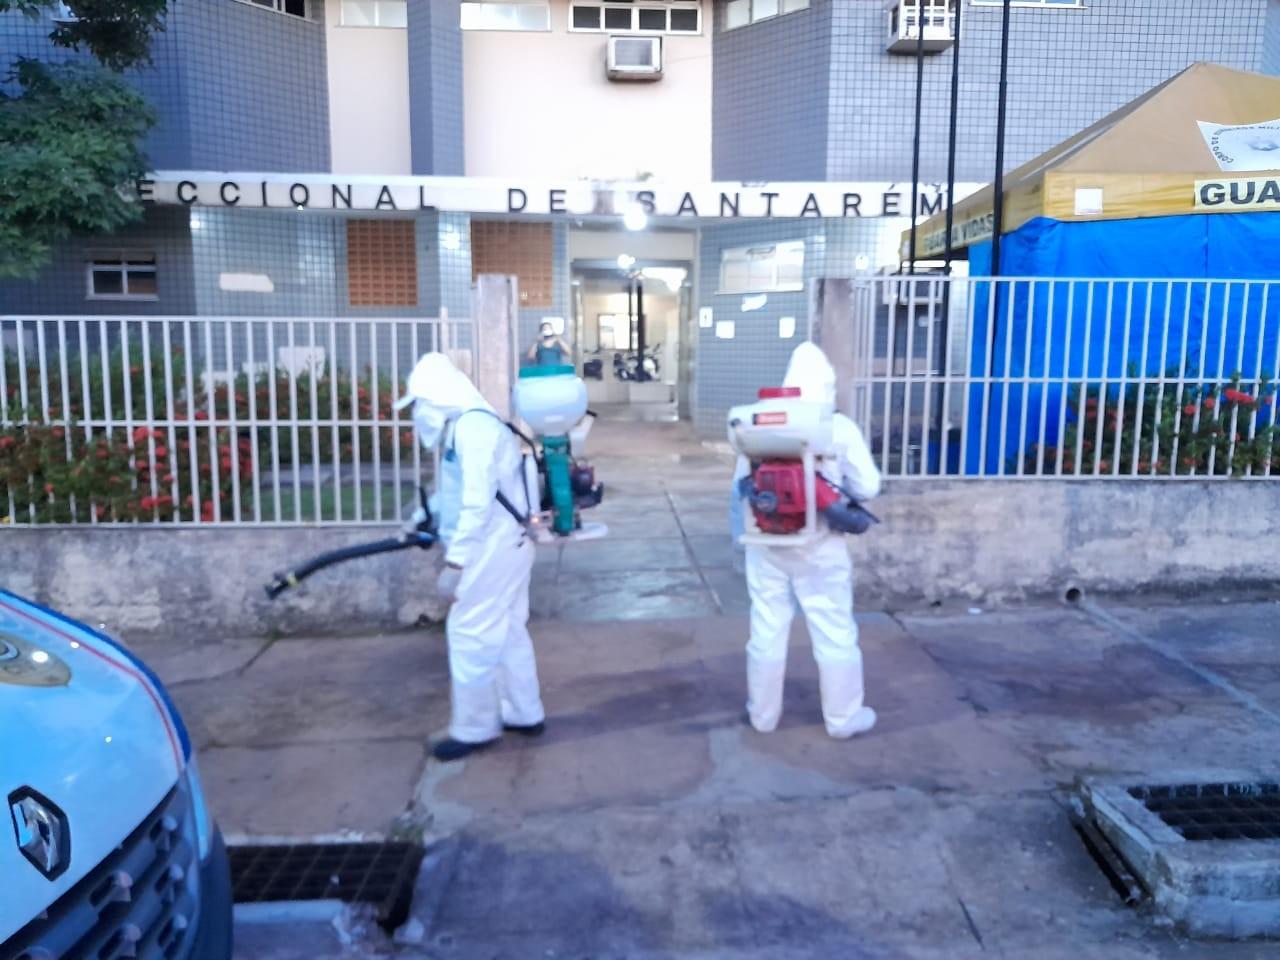 Delegacia da Polícia Civil de Santarém passa por sanitização após 7 policiais testarem positivo para a Covid-19